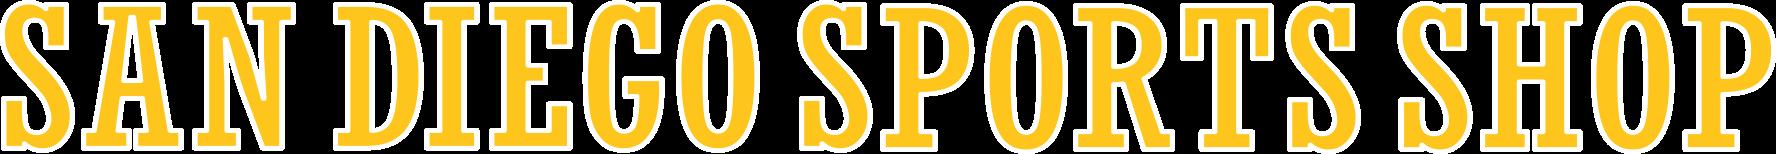 San Diego Sports Shop